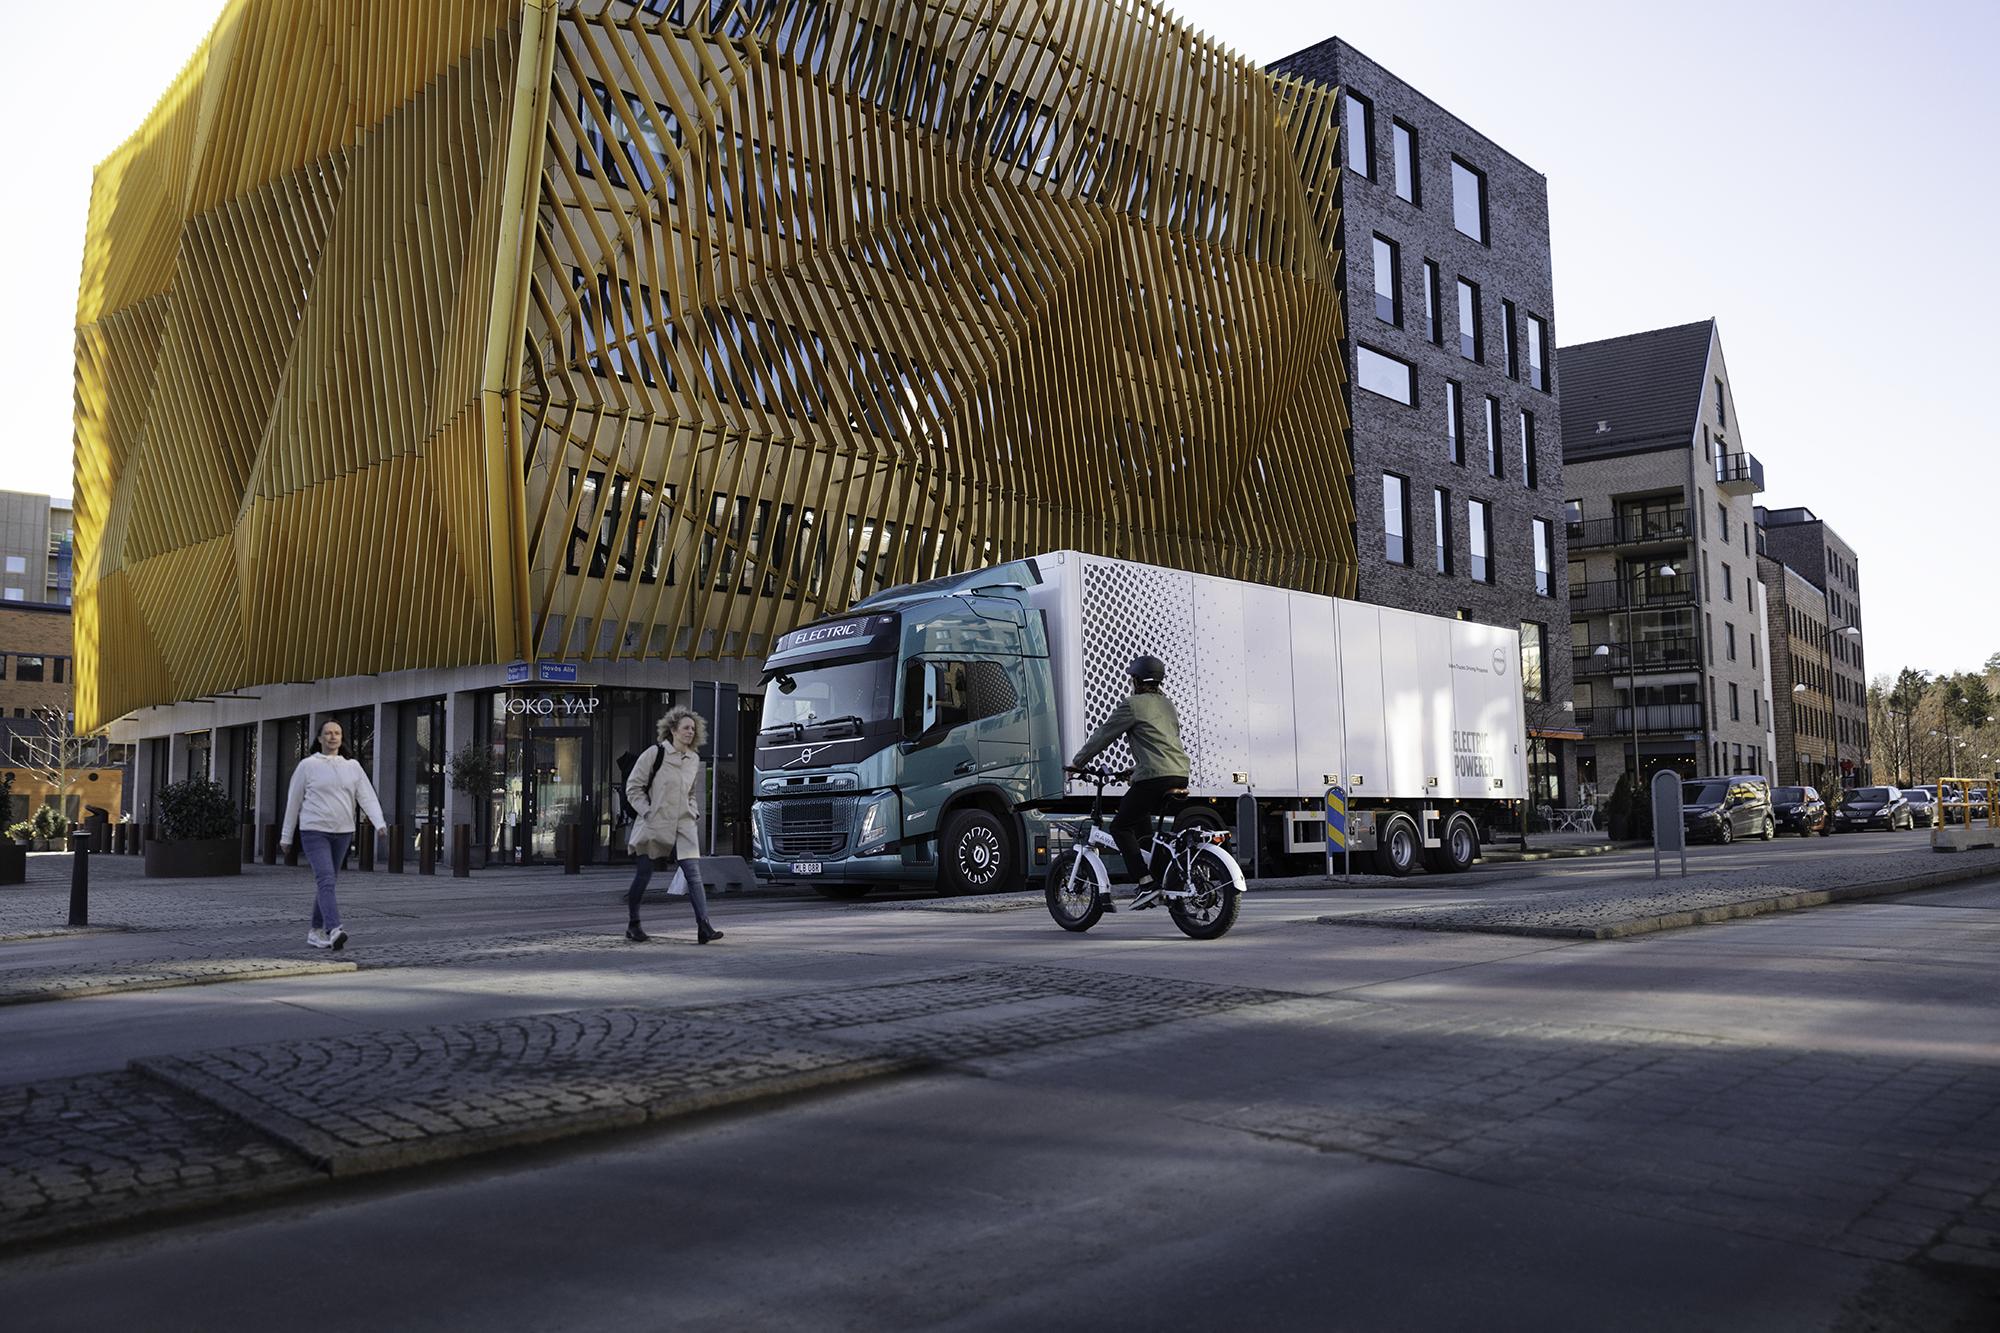 Volvo Trucks stellt neue E-LKW vor. Reichweite sowie potentiell hoher Preis lassen Zweifel aufkommen